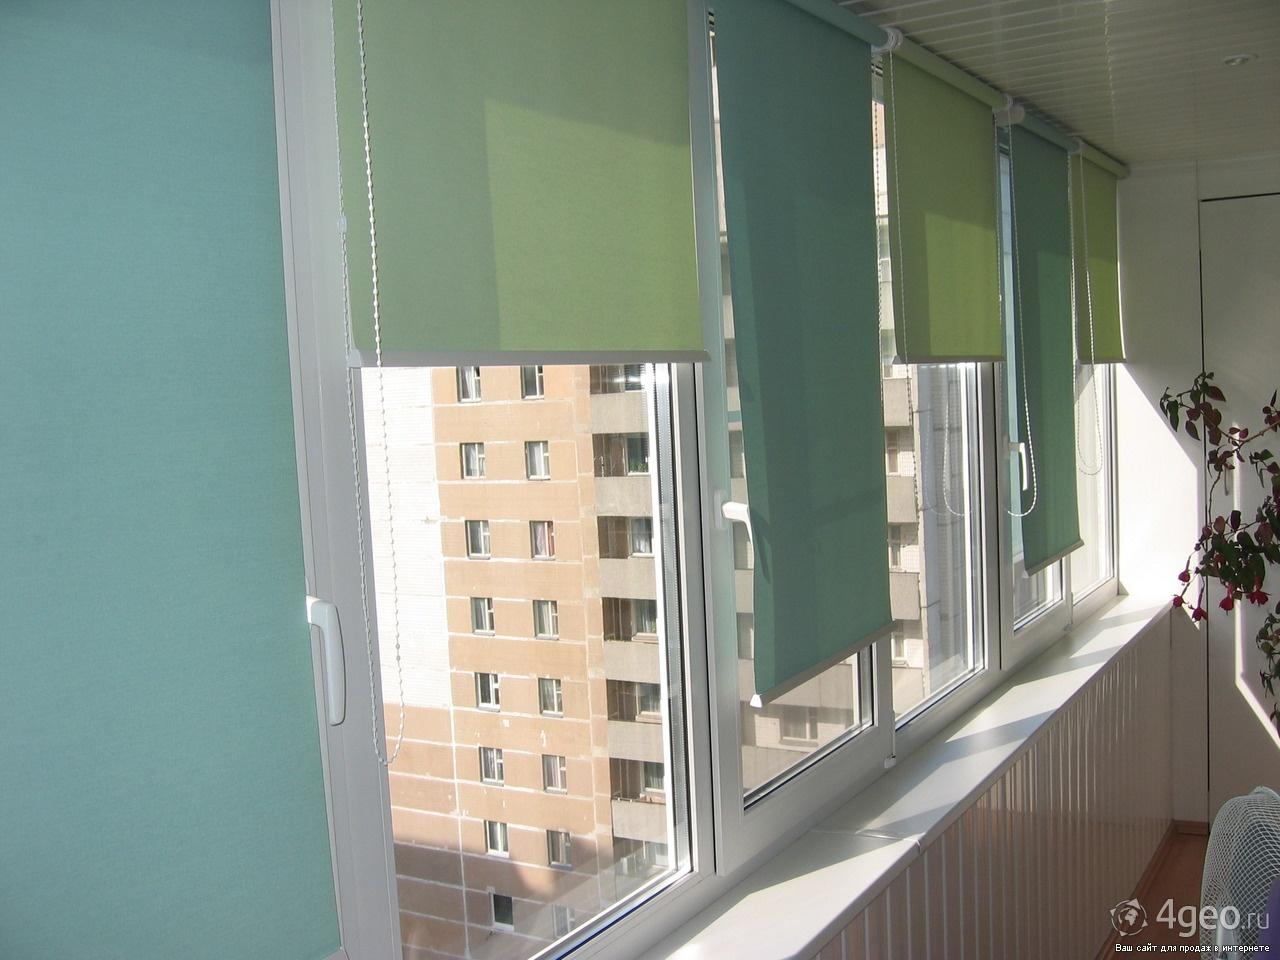 Жалюзи на балкон купить в москве, цены на жалюзи на балкон с.